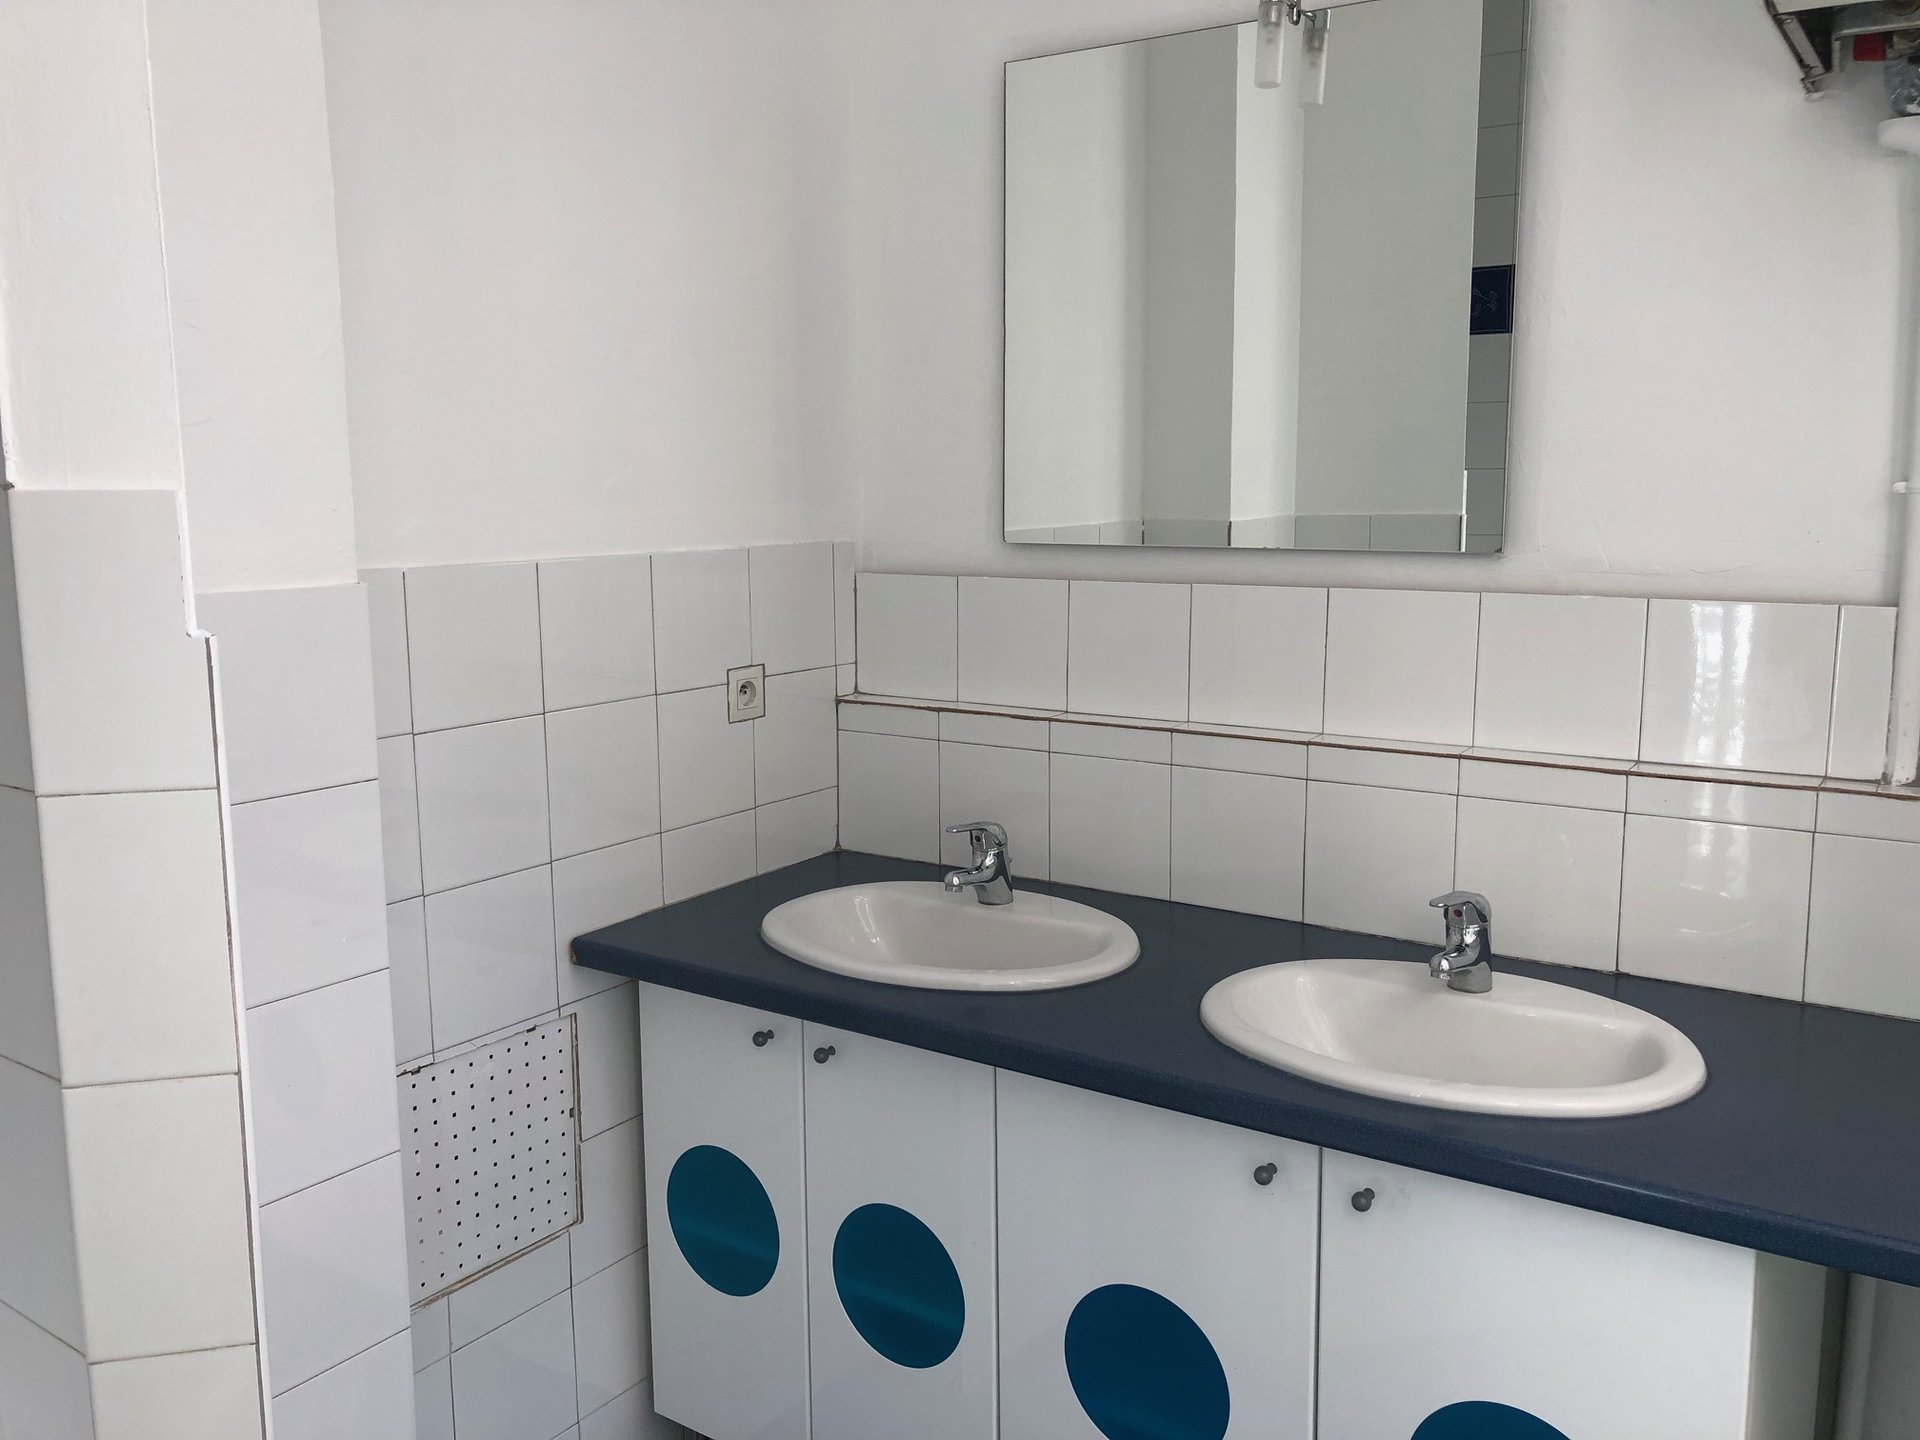 SAINT-ETIENNE - Bel appartement T2 DE 74 m²